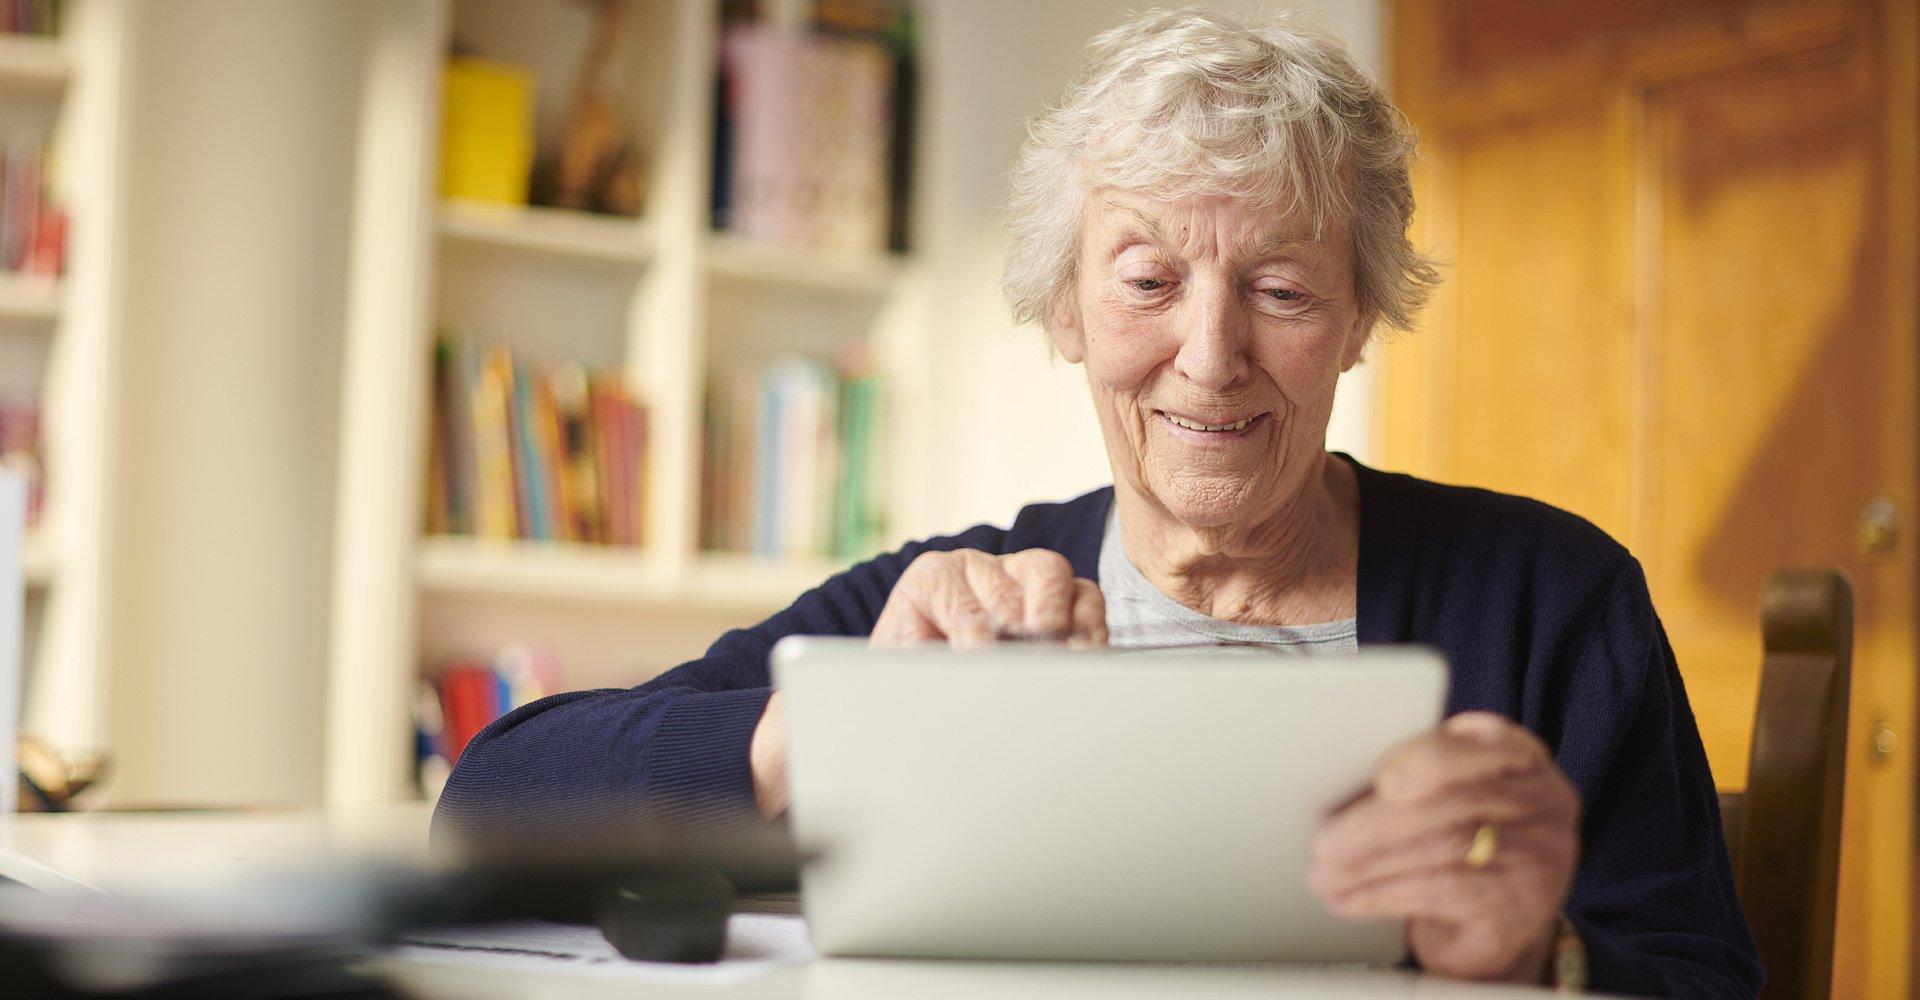 Elders And Digital Burden Fears | Avast